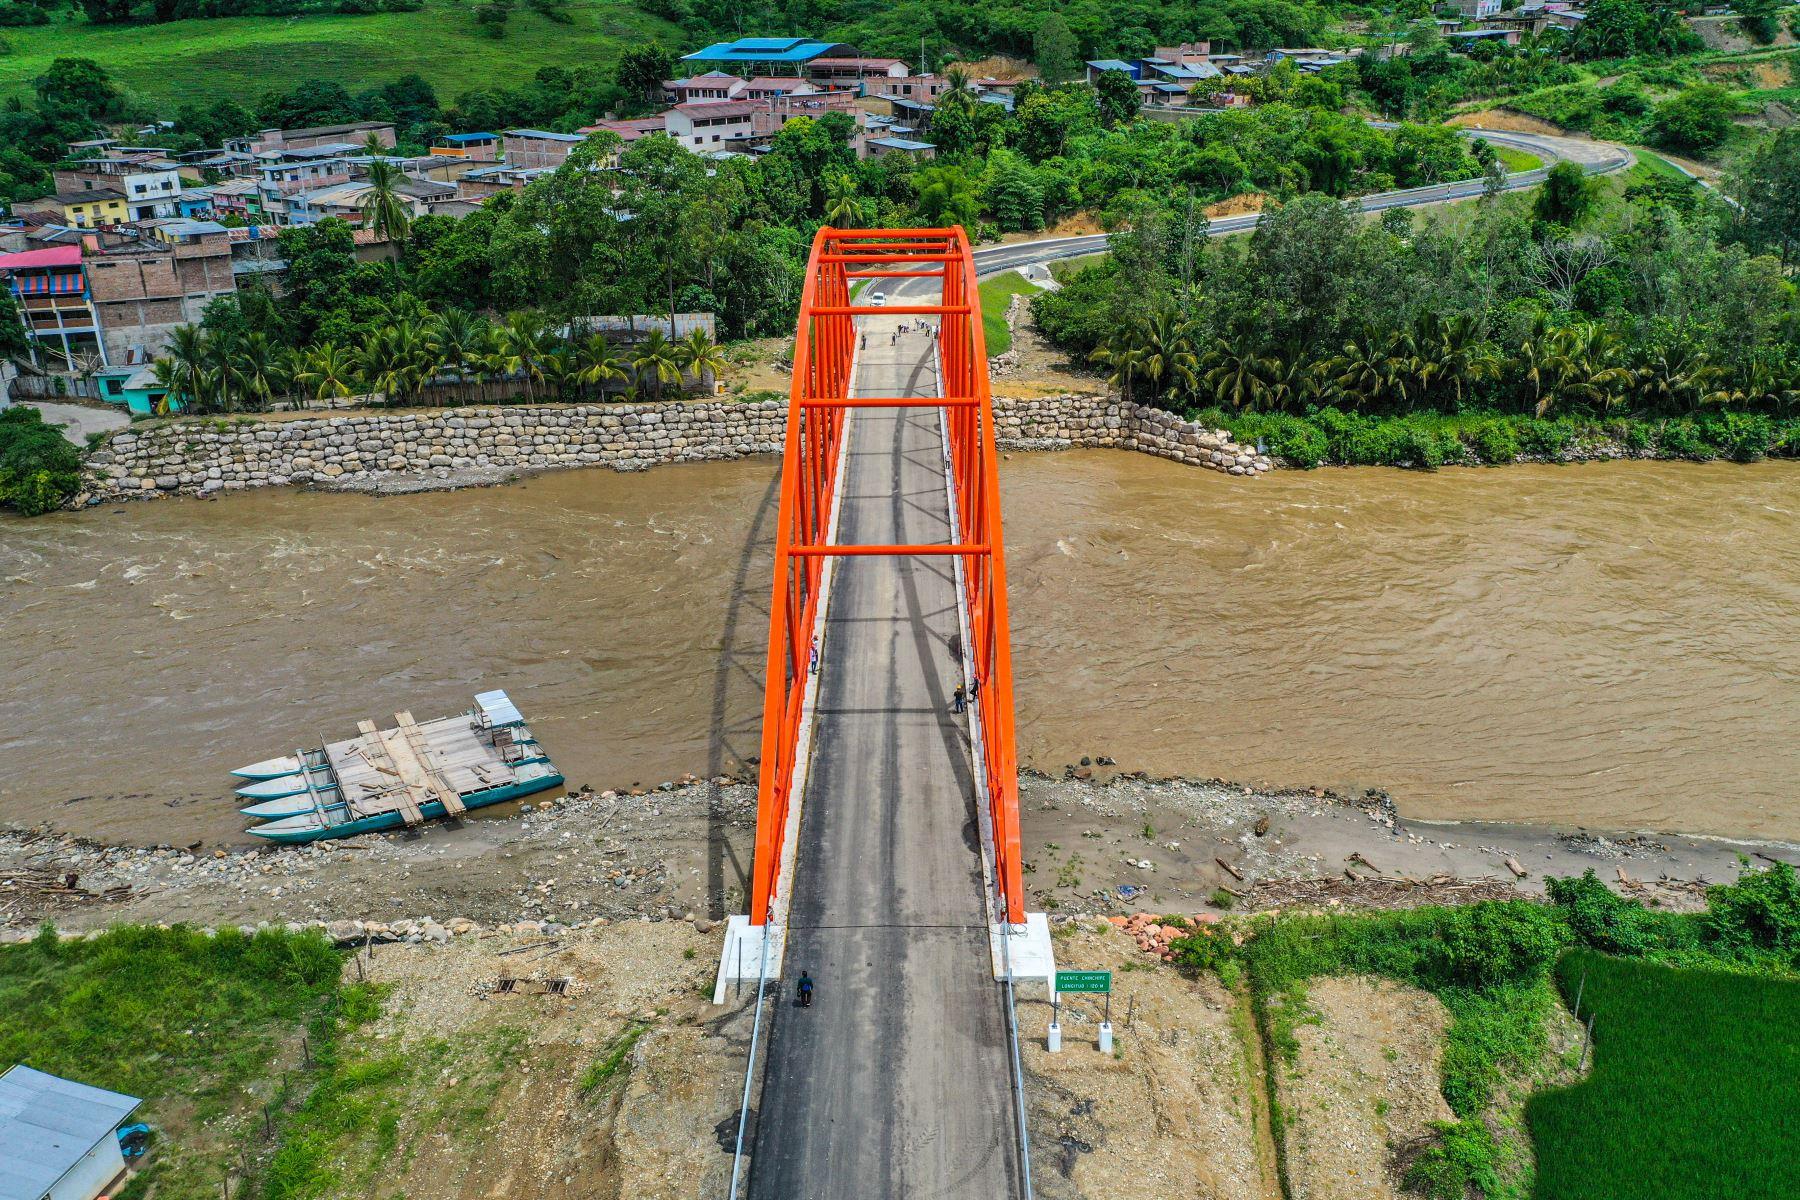 La construcción del puente Chinchipe, sobre el río del mismo nombre, conecta a las poblaciones de los distritos de San José de Lourdes y San Ignacio de Cajamarca. La obra se ubica a dos horas de la frontera del Perú con Ecuador. Foto: ANDINA/ Prensa Presidencia